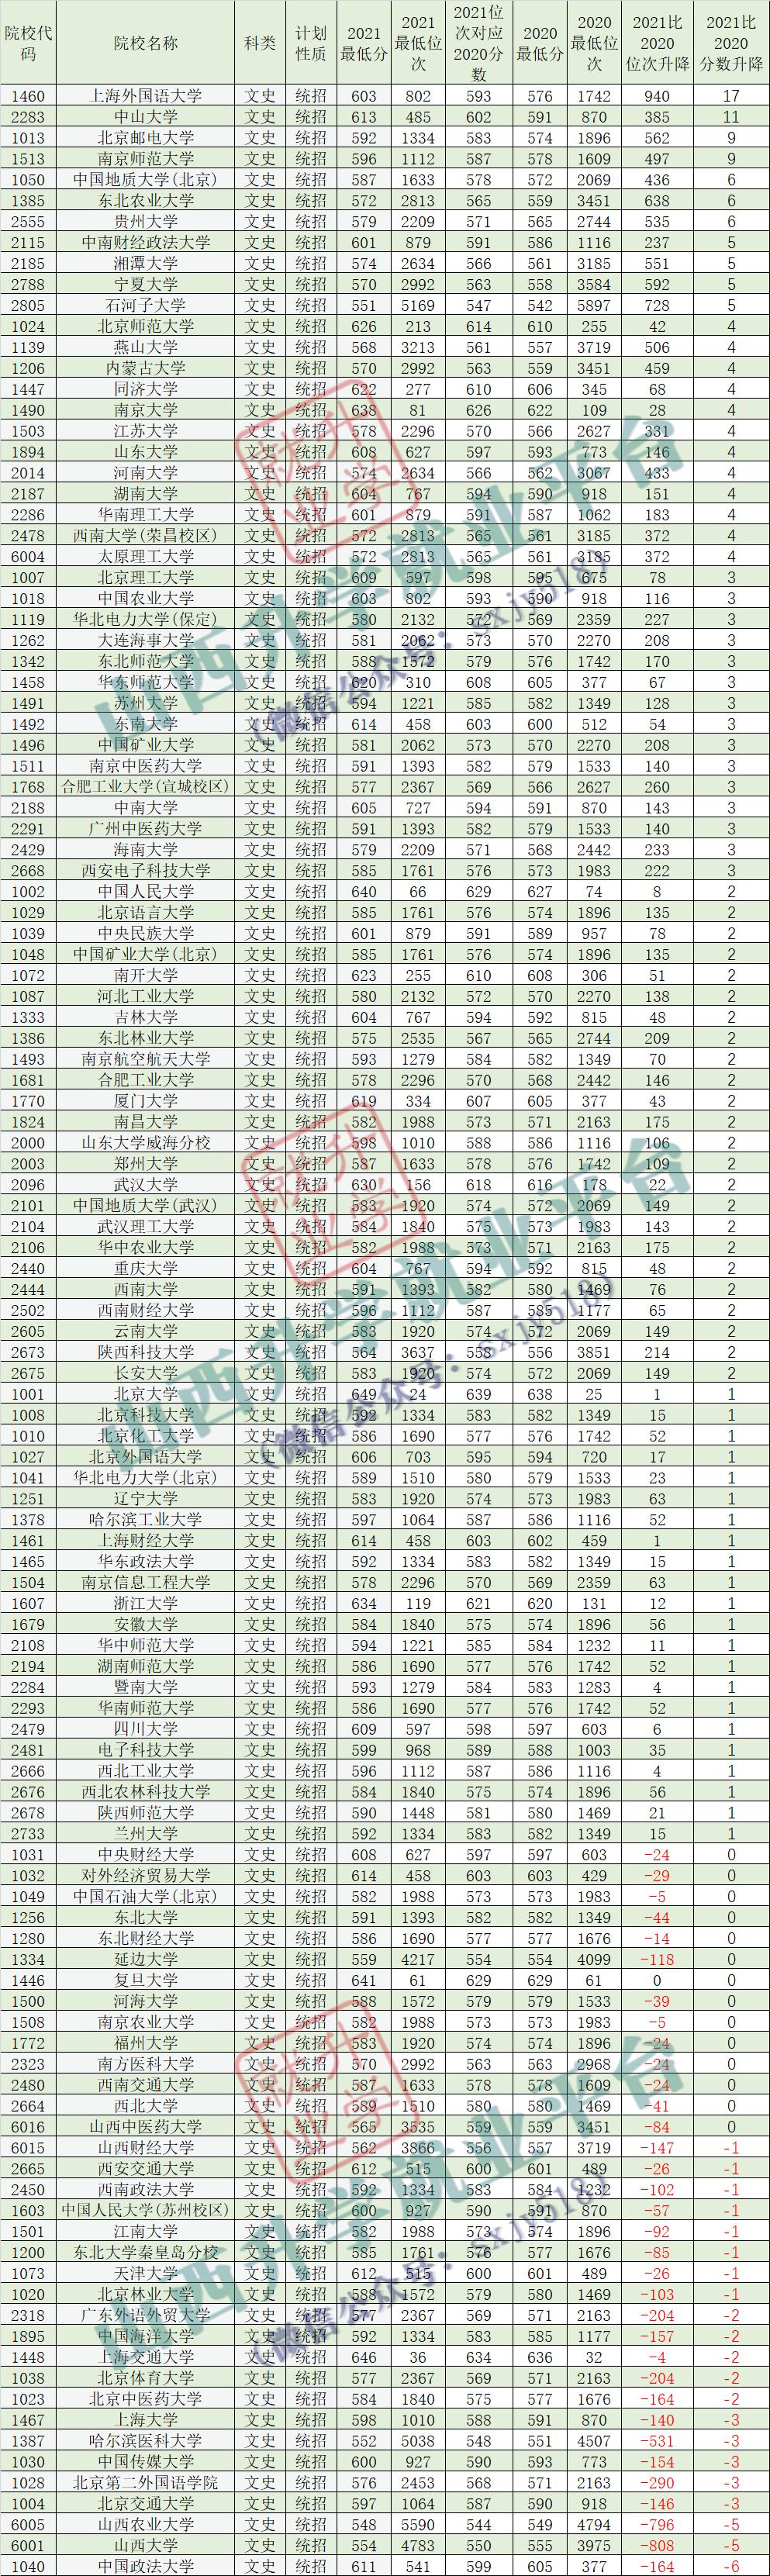 文科大学排行_2020-2021全国文科大学排名及分数线